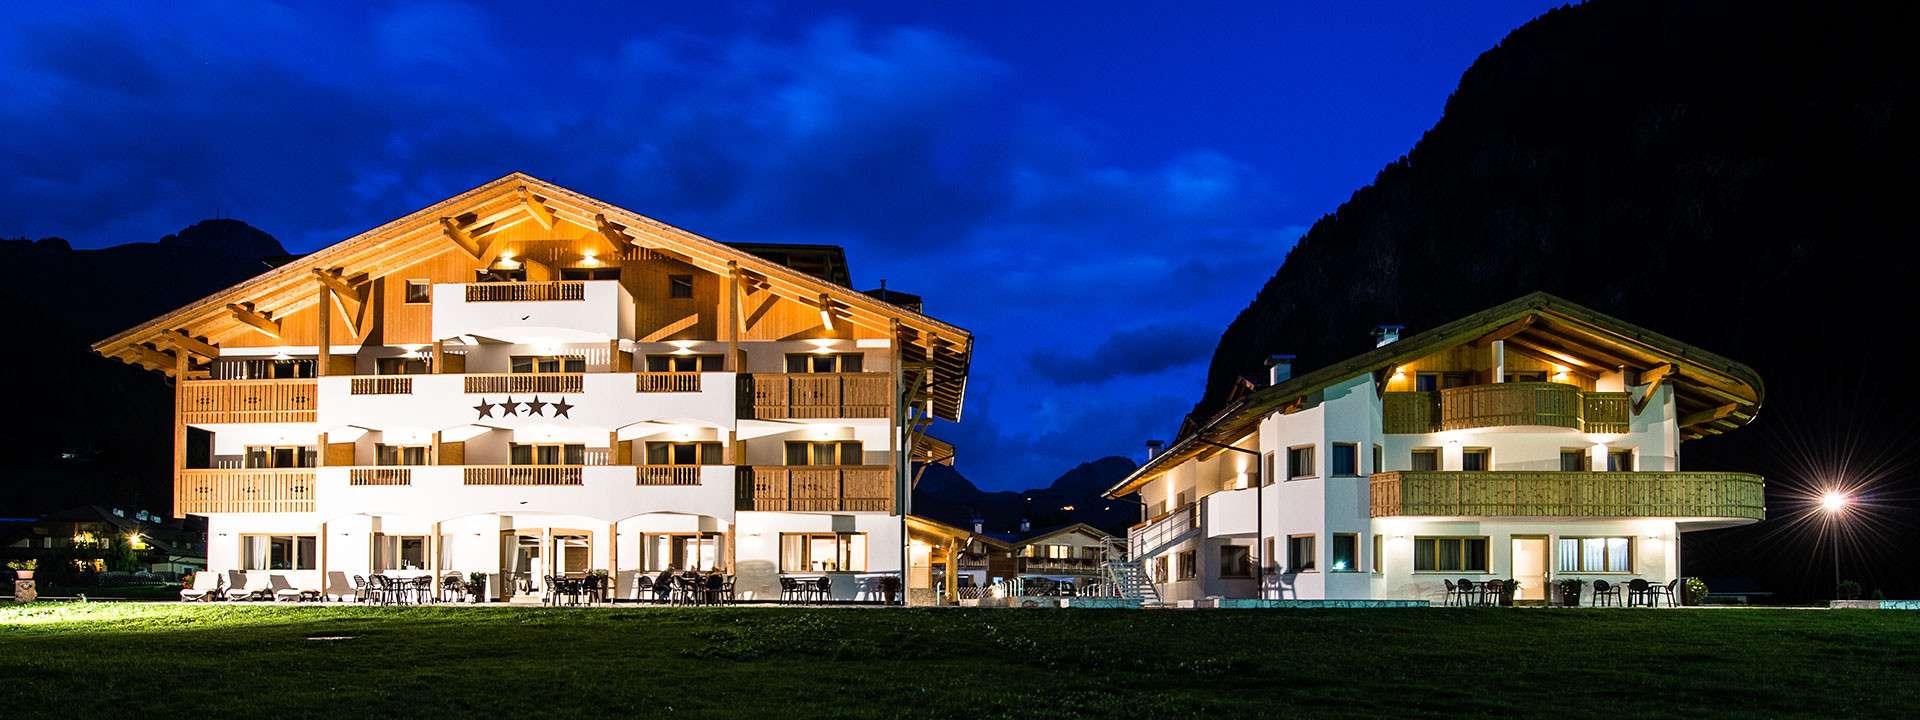 Hotel garn golden park resort campitello di fassa for Quattro stelle arredamenti prezzi